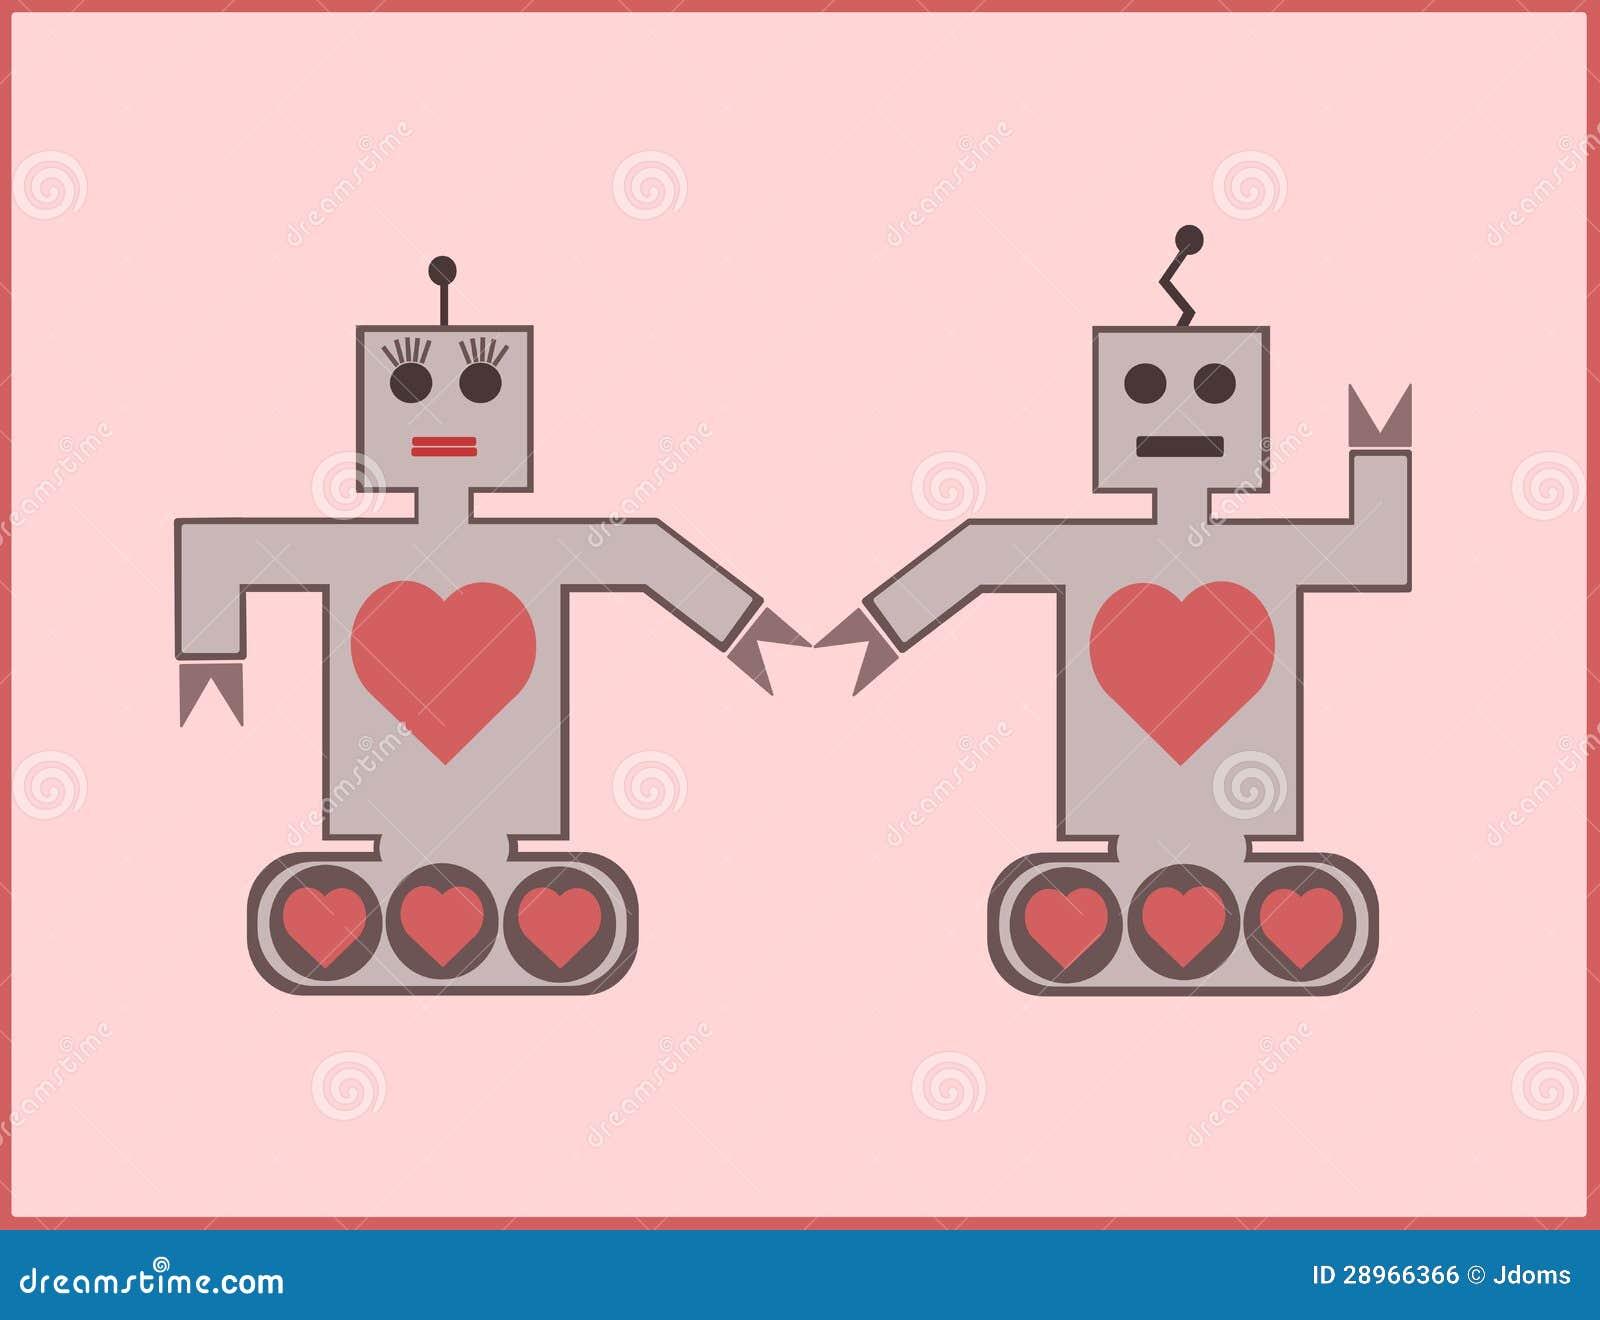 Robot para